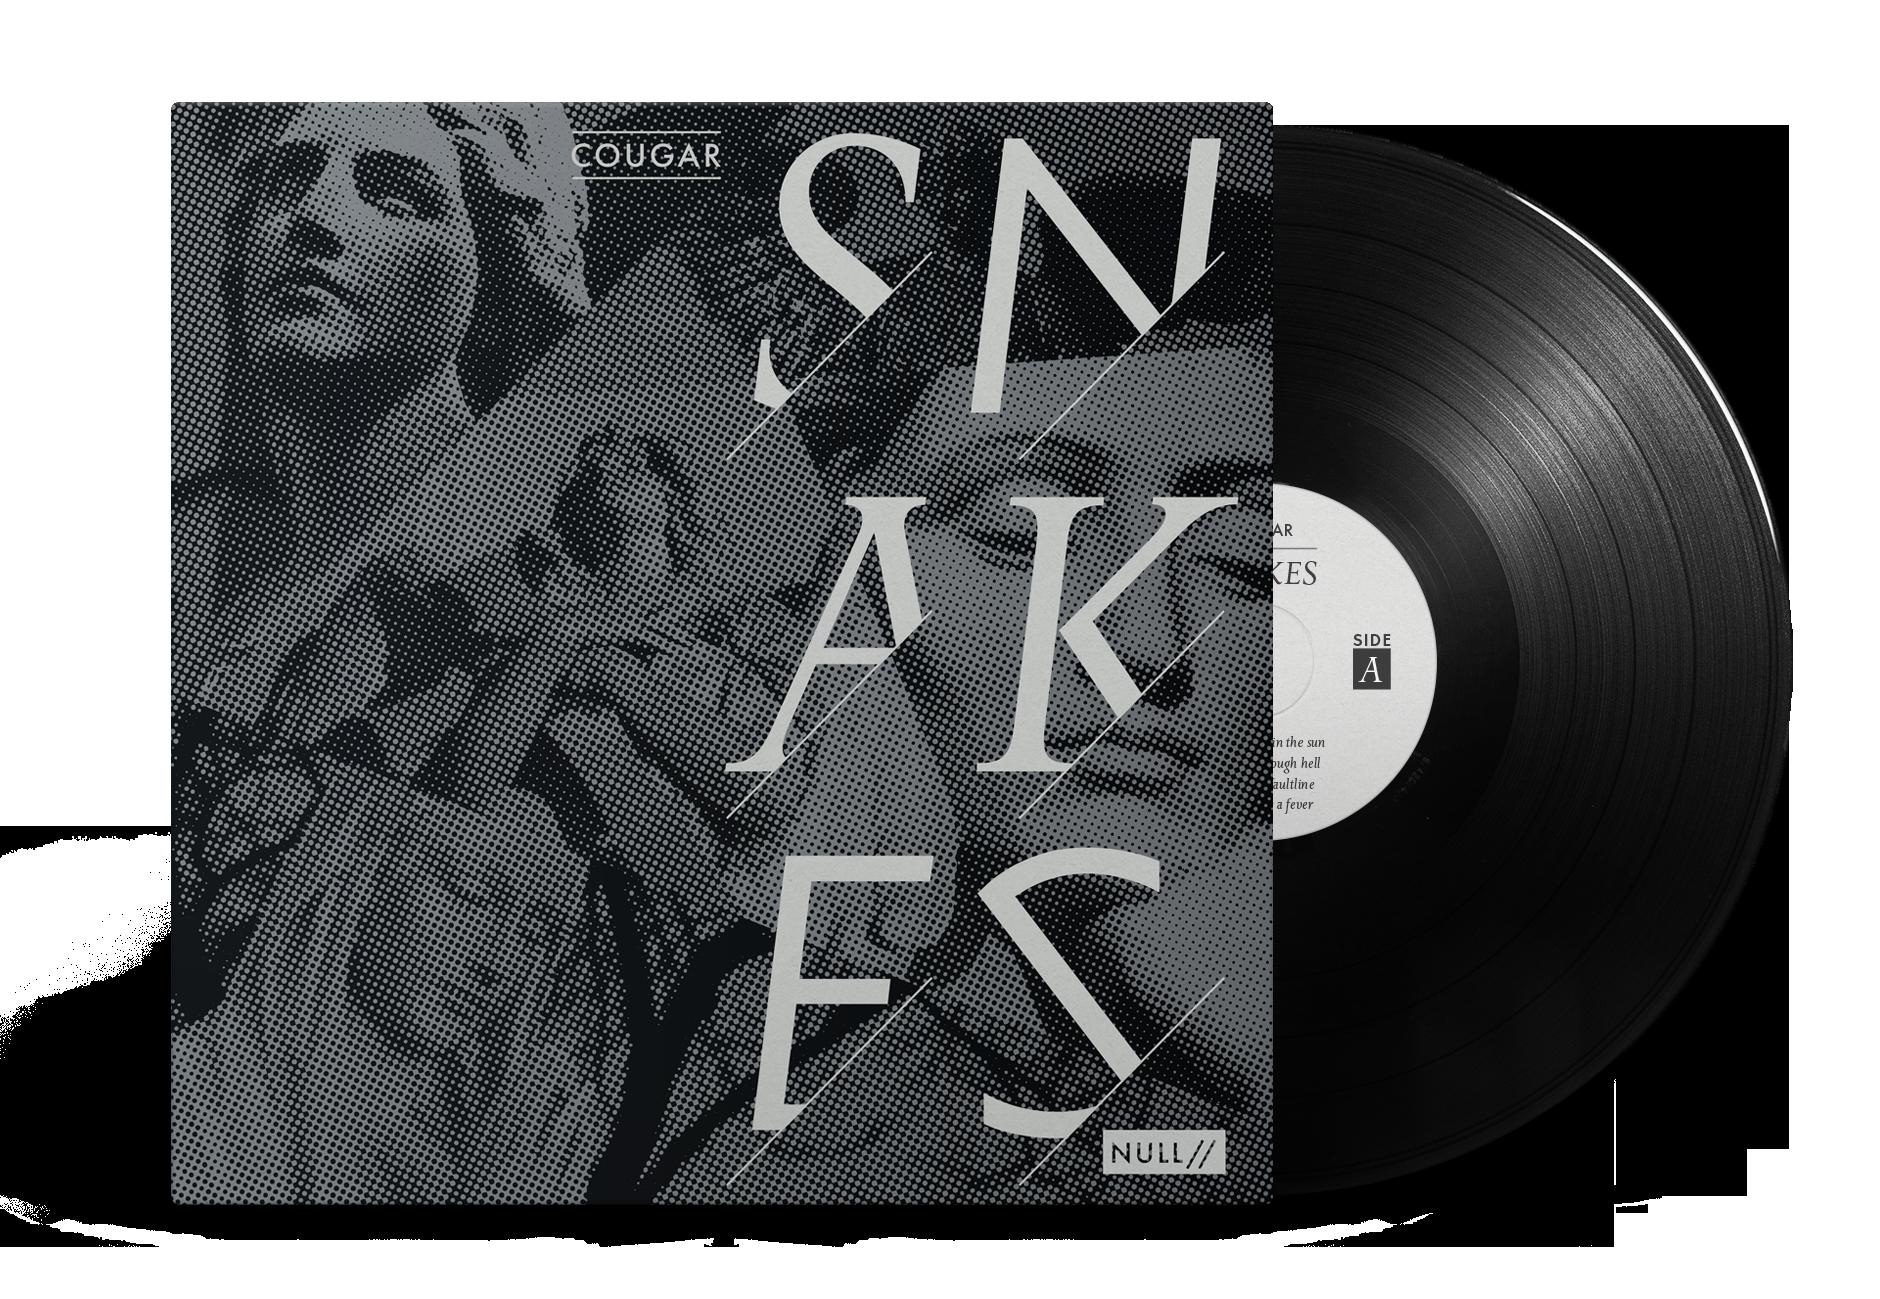 Vinyl-Record-PSD-MockUp---Cougar-Snakes.png